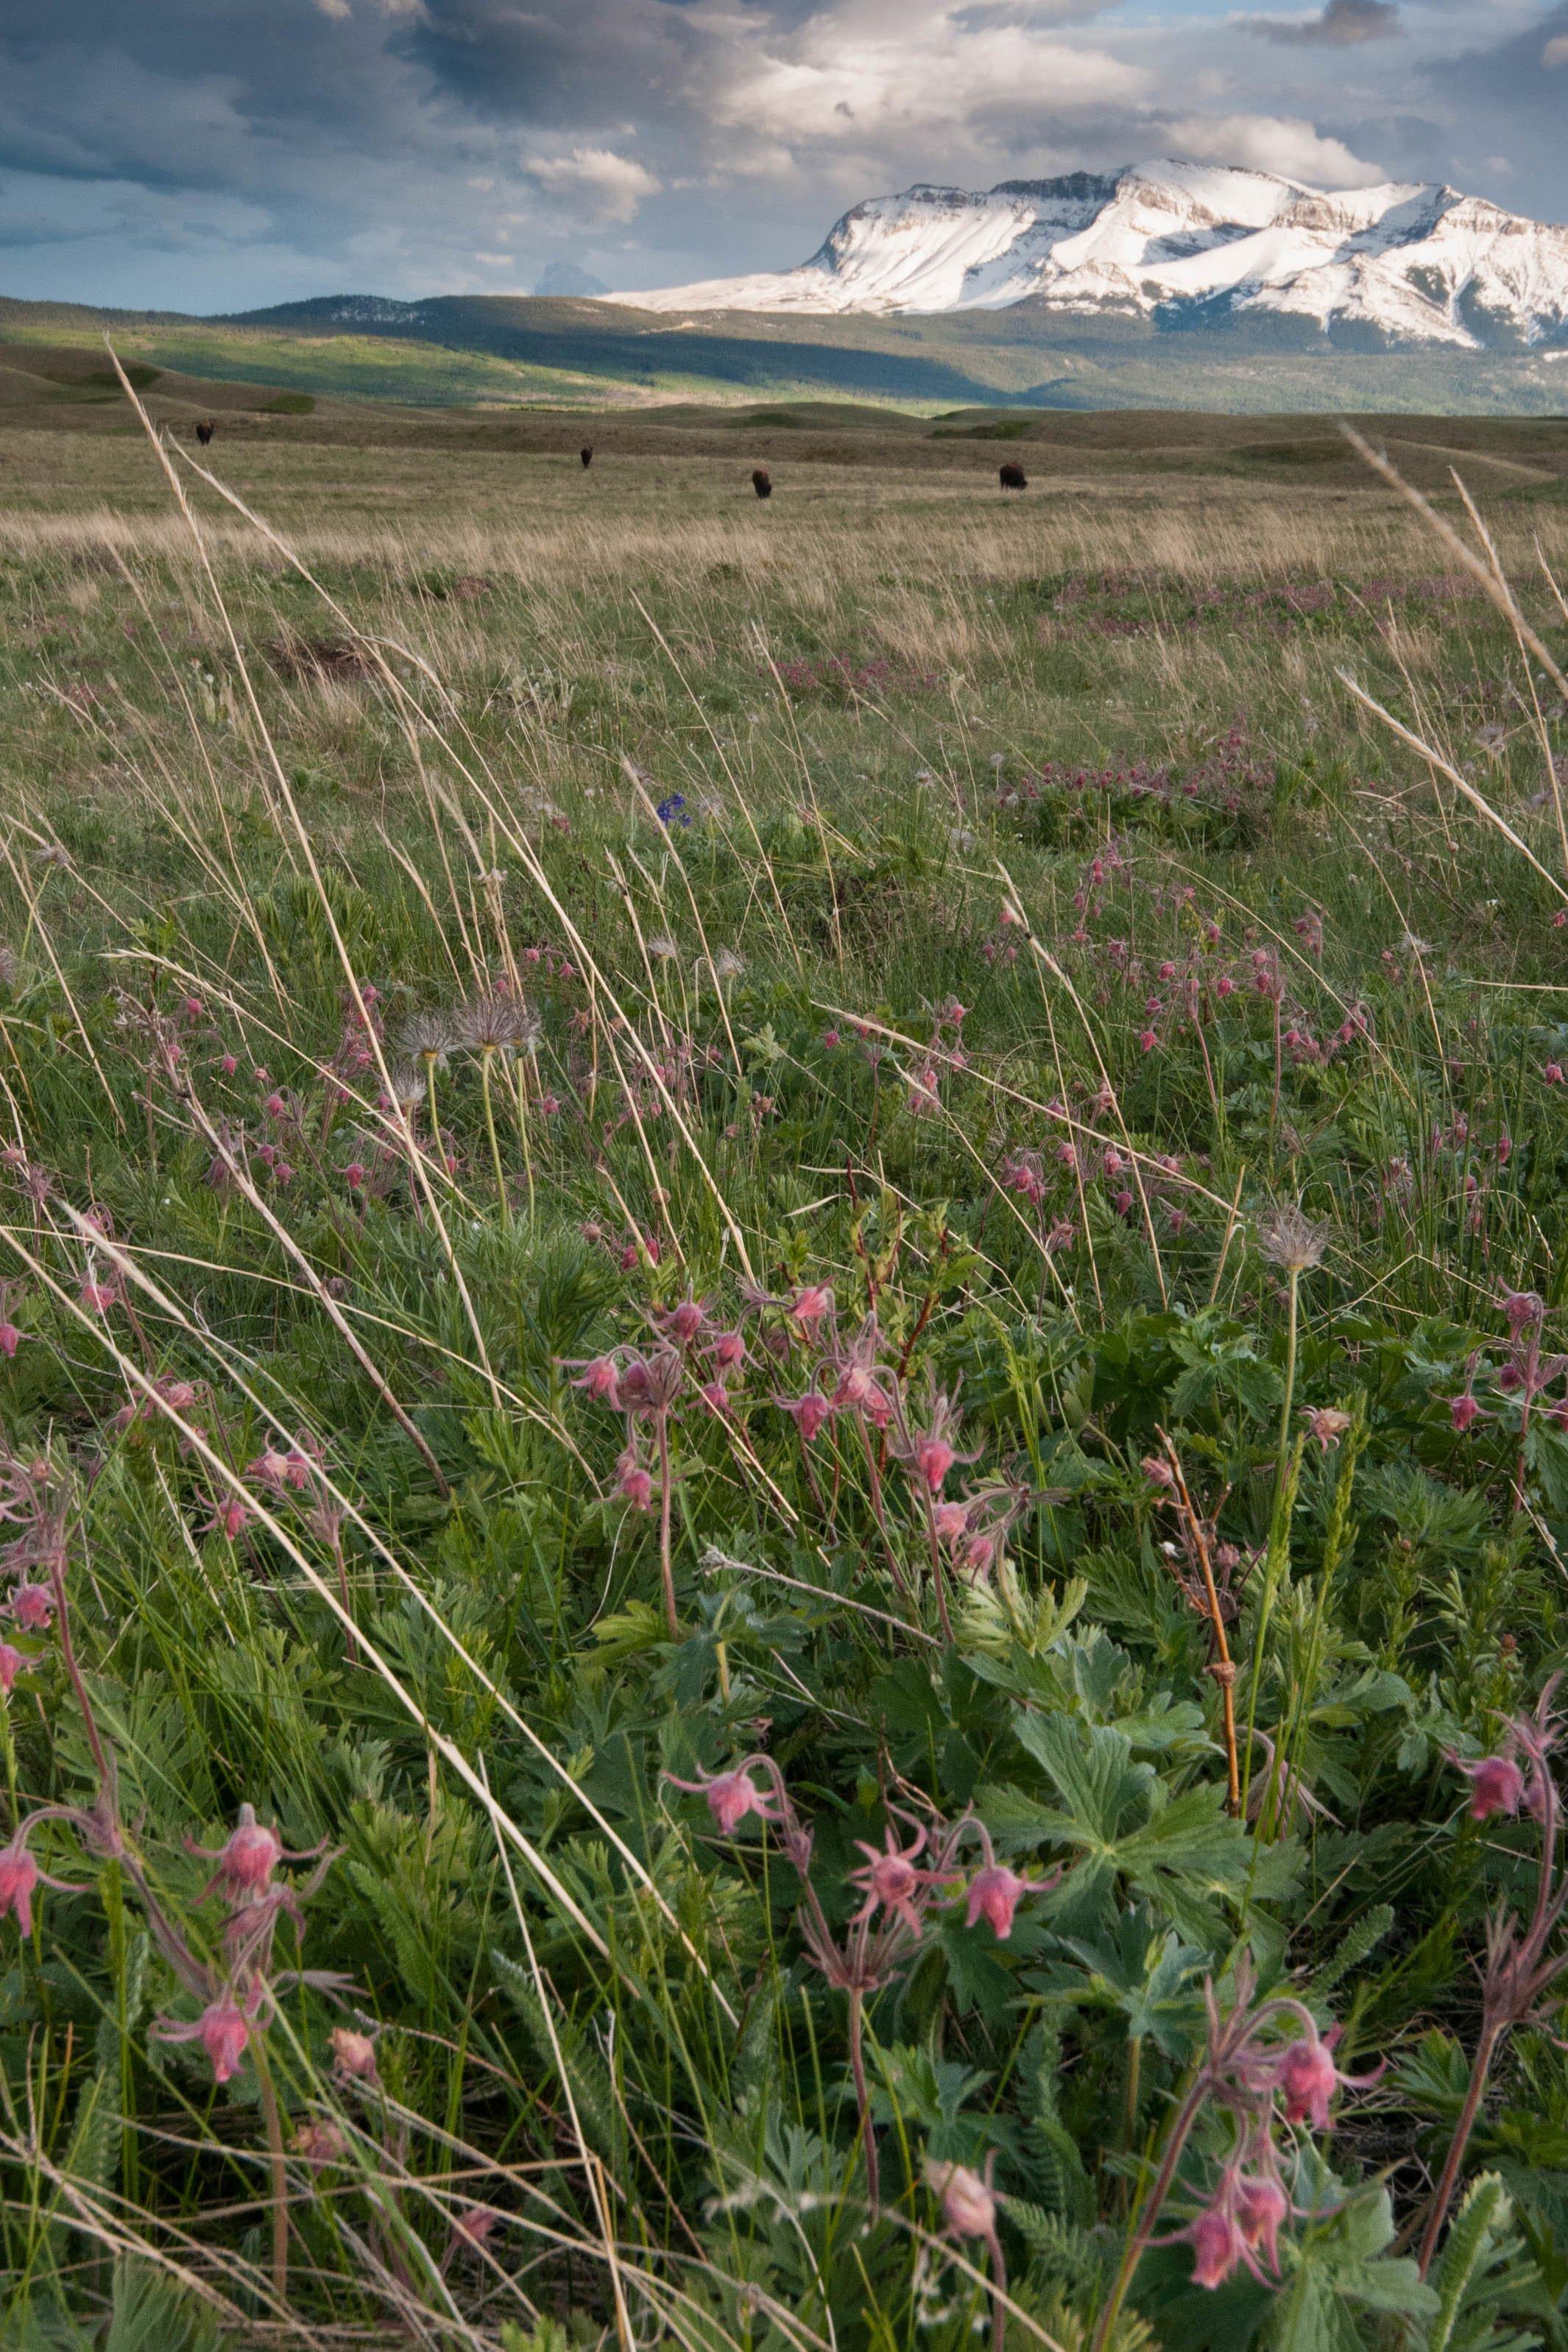 where grasslands meet mountains